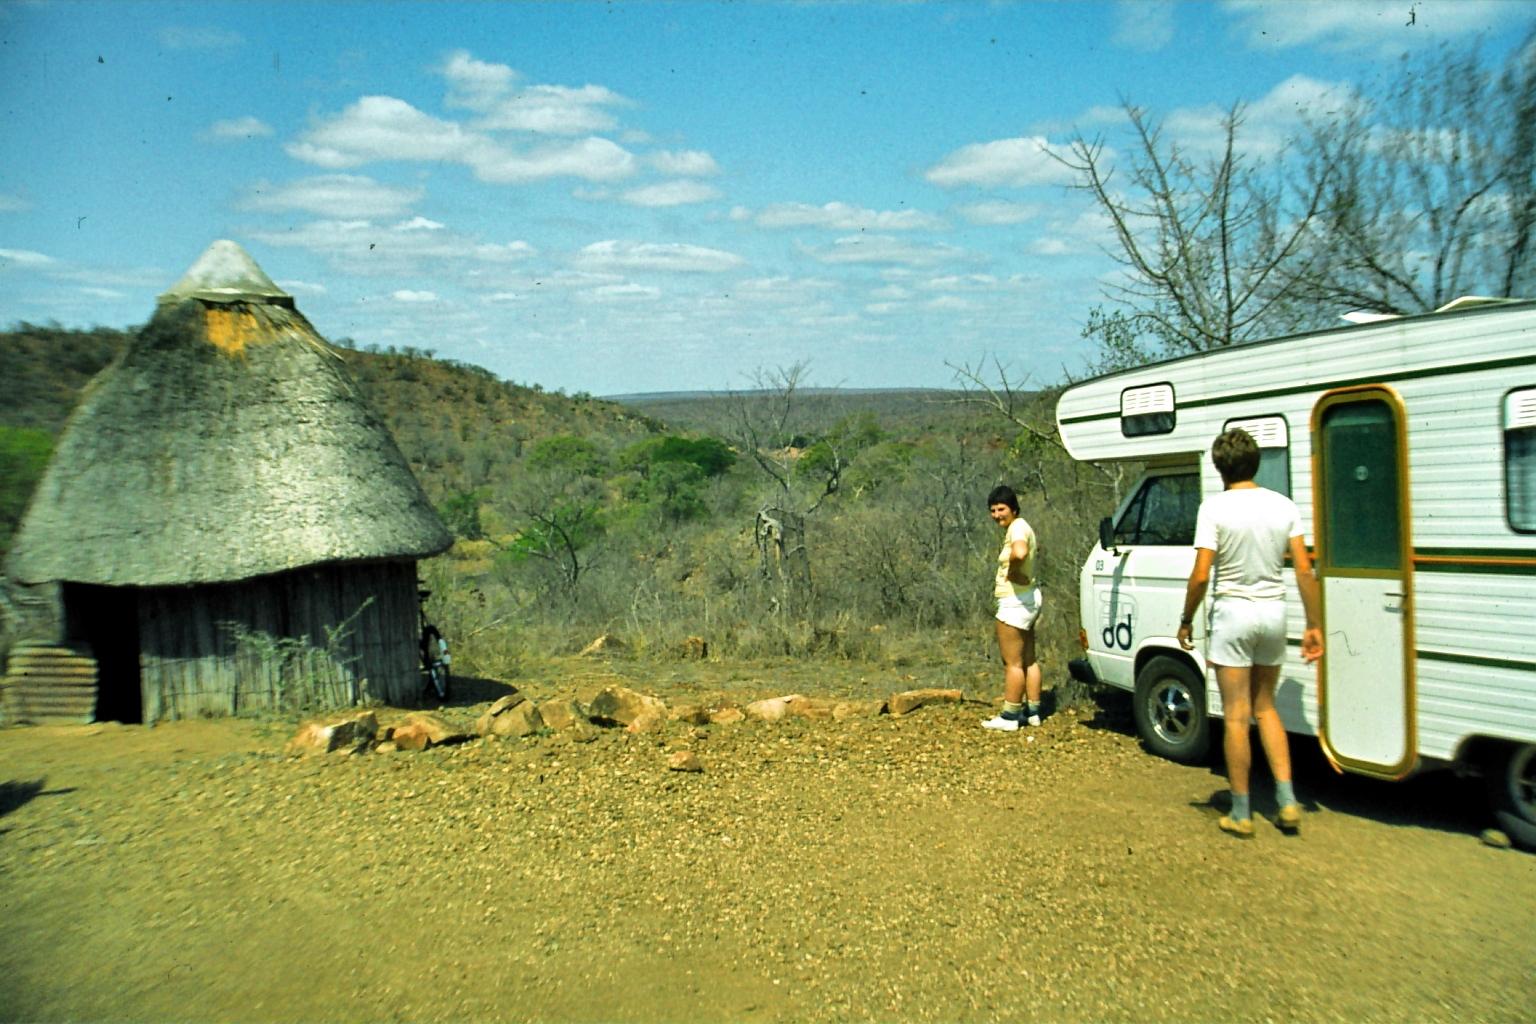 1983  Kruger National Park, South Africa